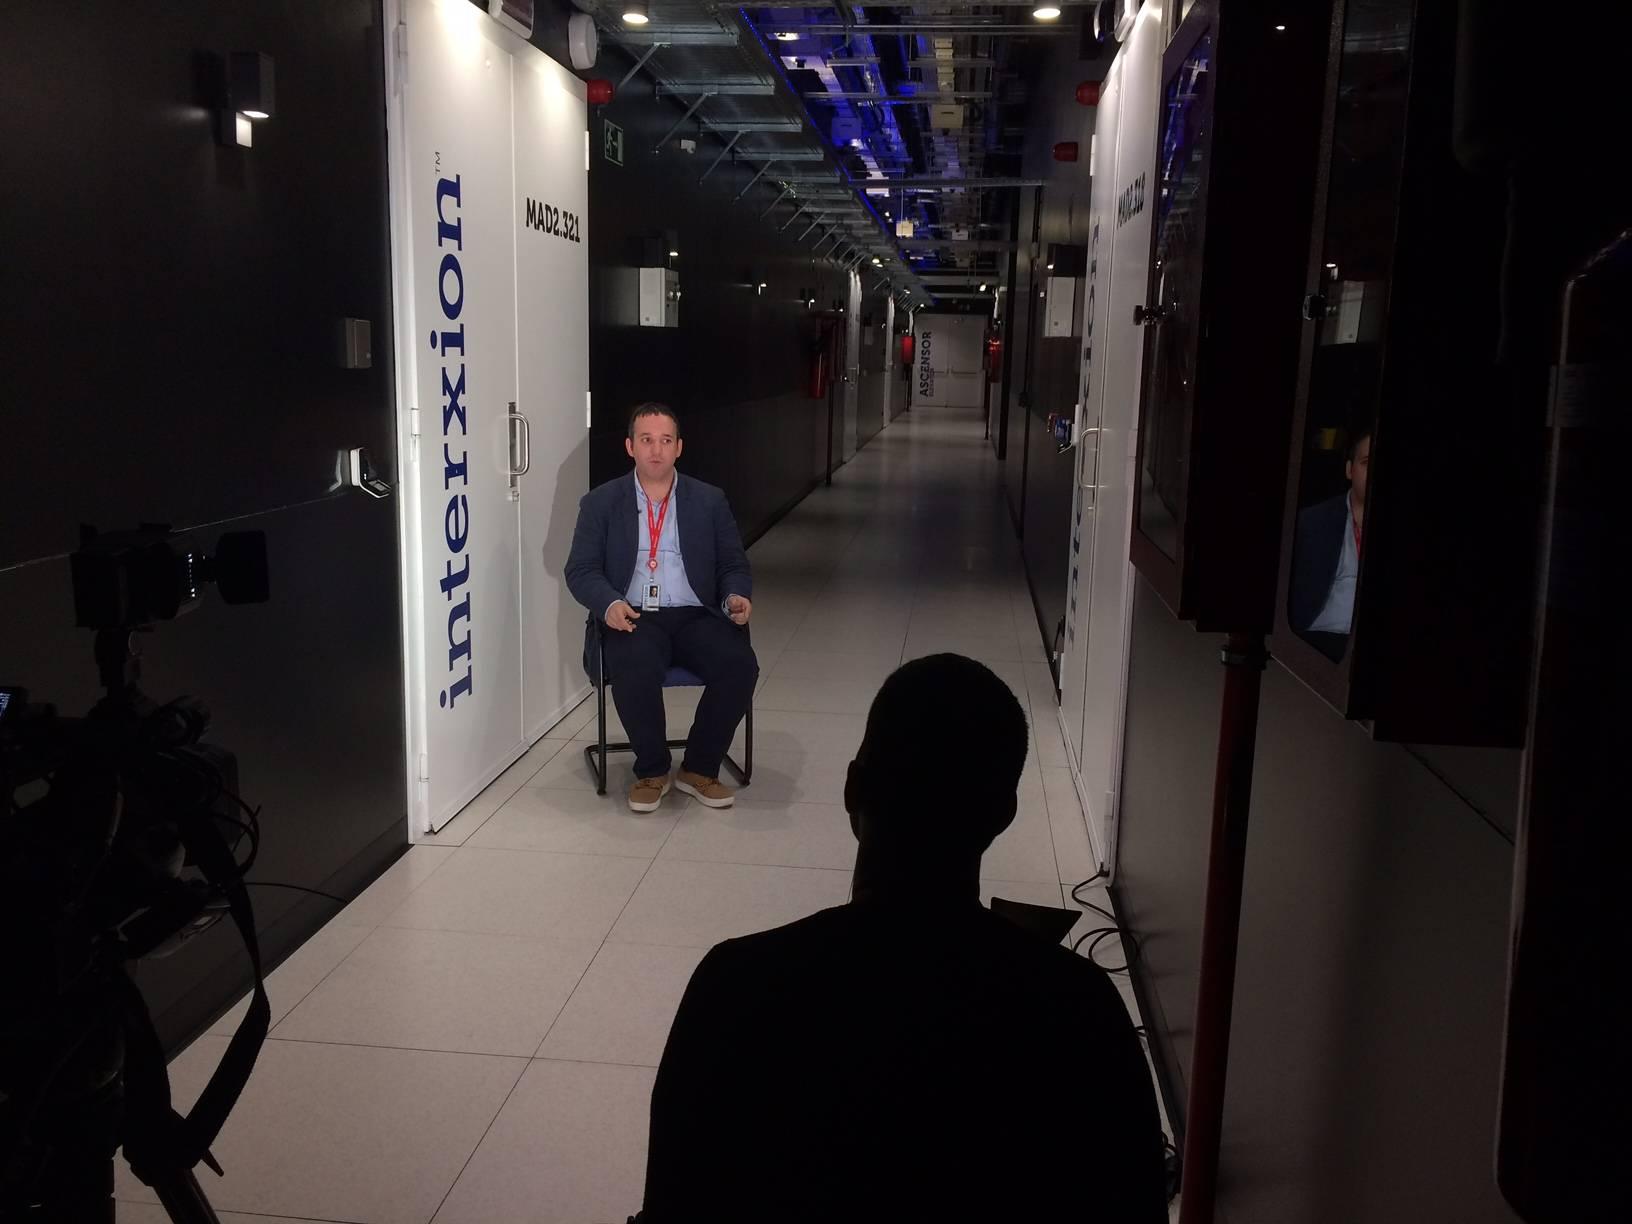 david carrero en equipo de investigacion - Herenciano David Carrero en Equipo de Investigación de La Sexta